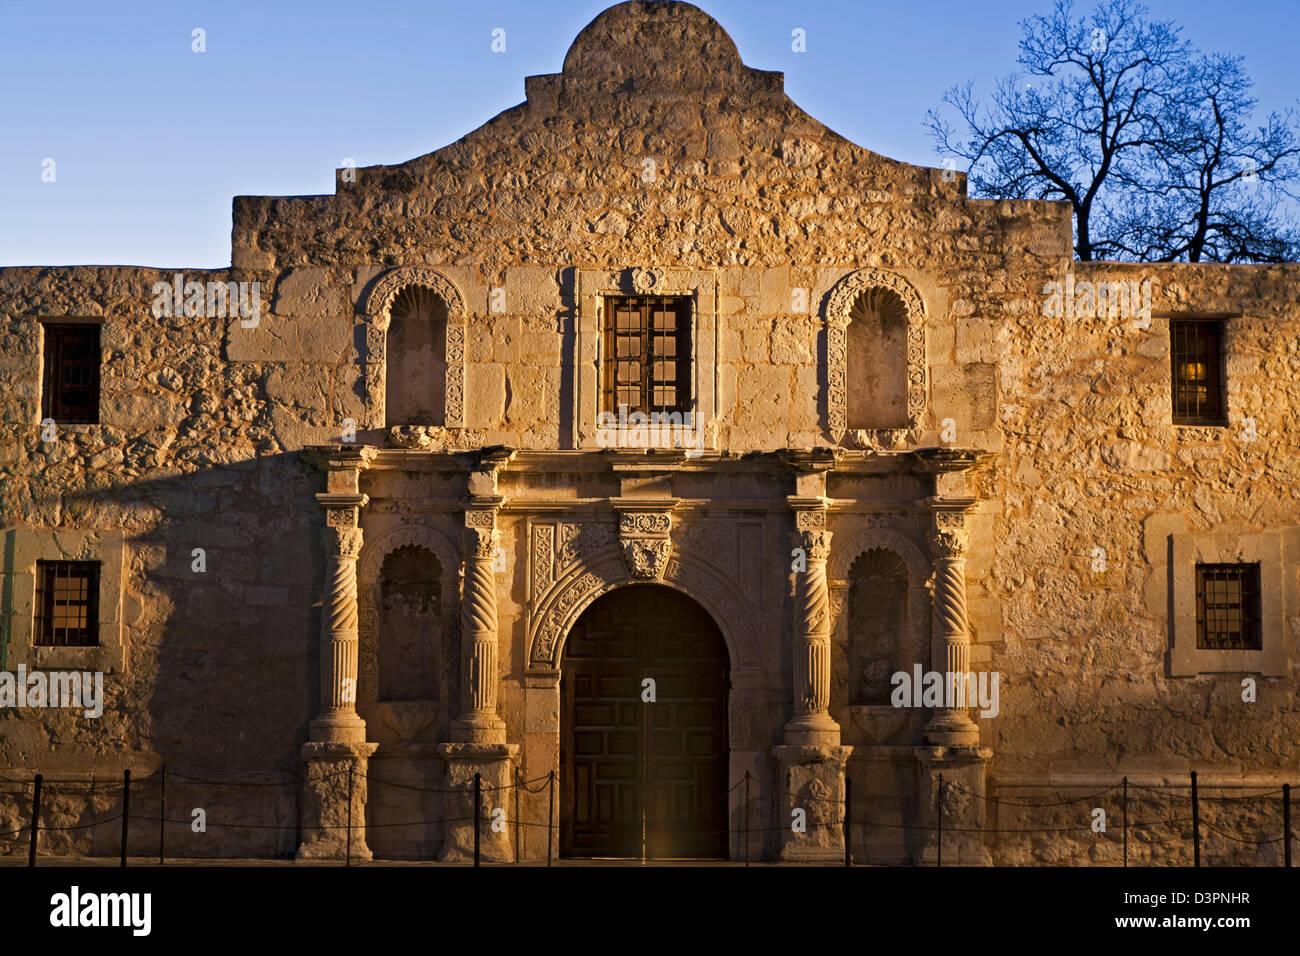 The Alamo Mission San Antonio De Valero San Antonio